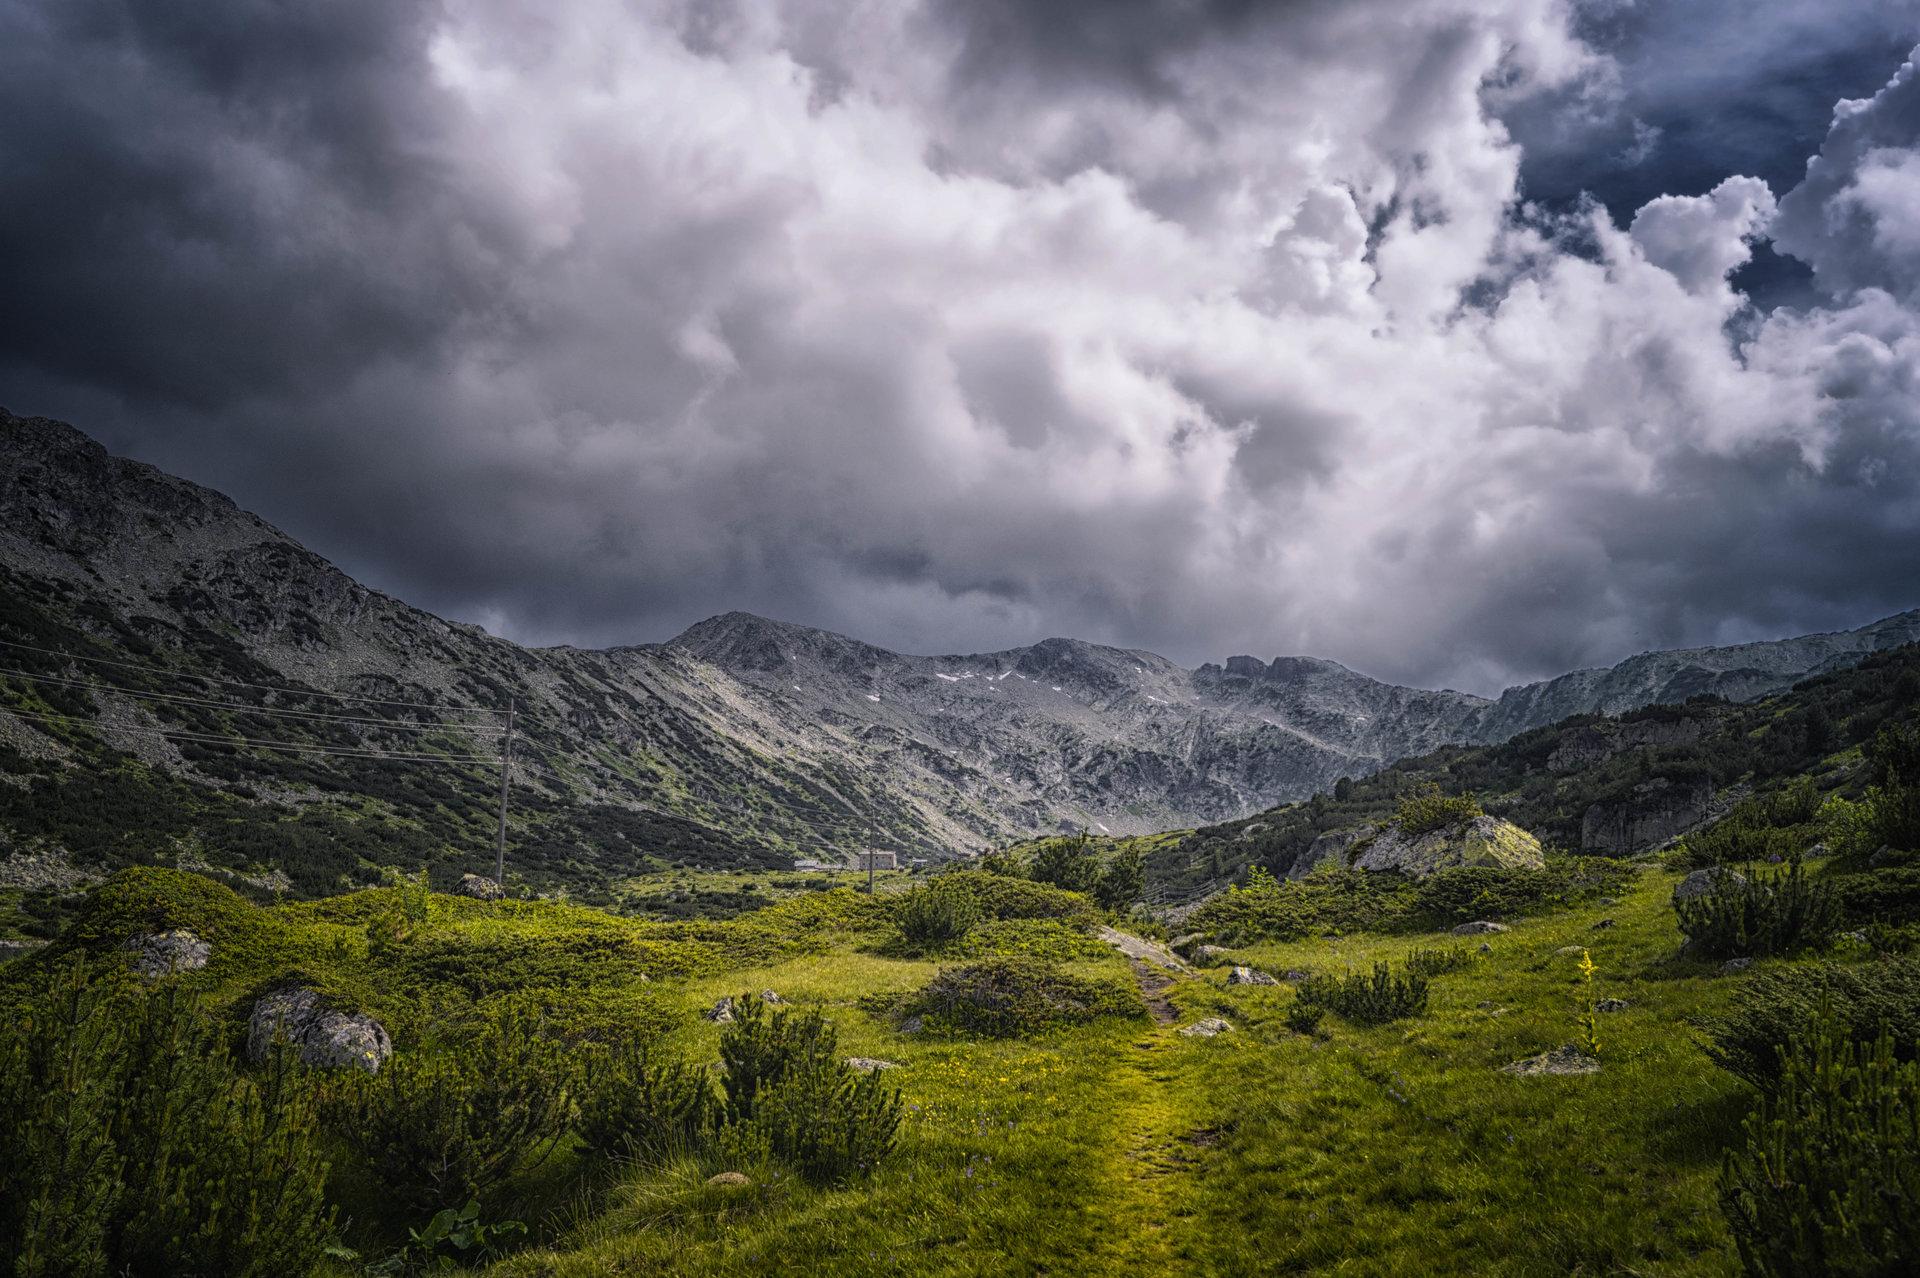 Photo in Landscape | Author segina | PHOTO FORUM